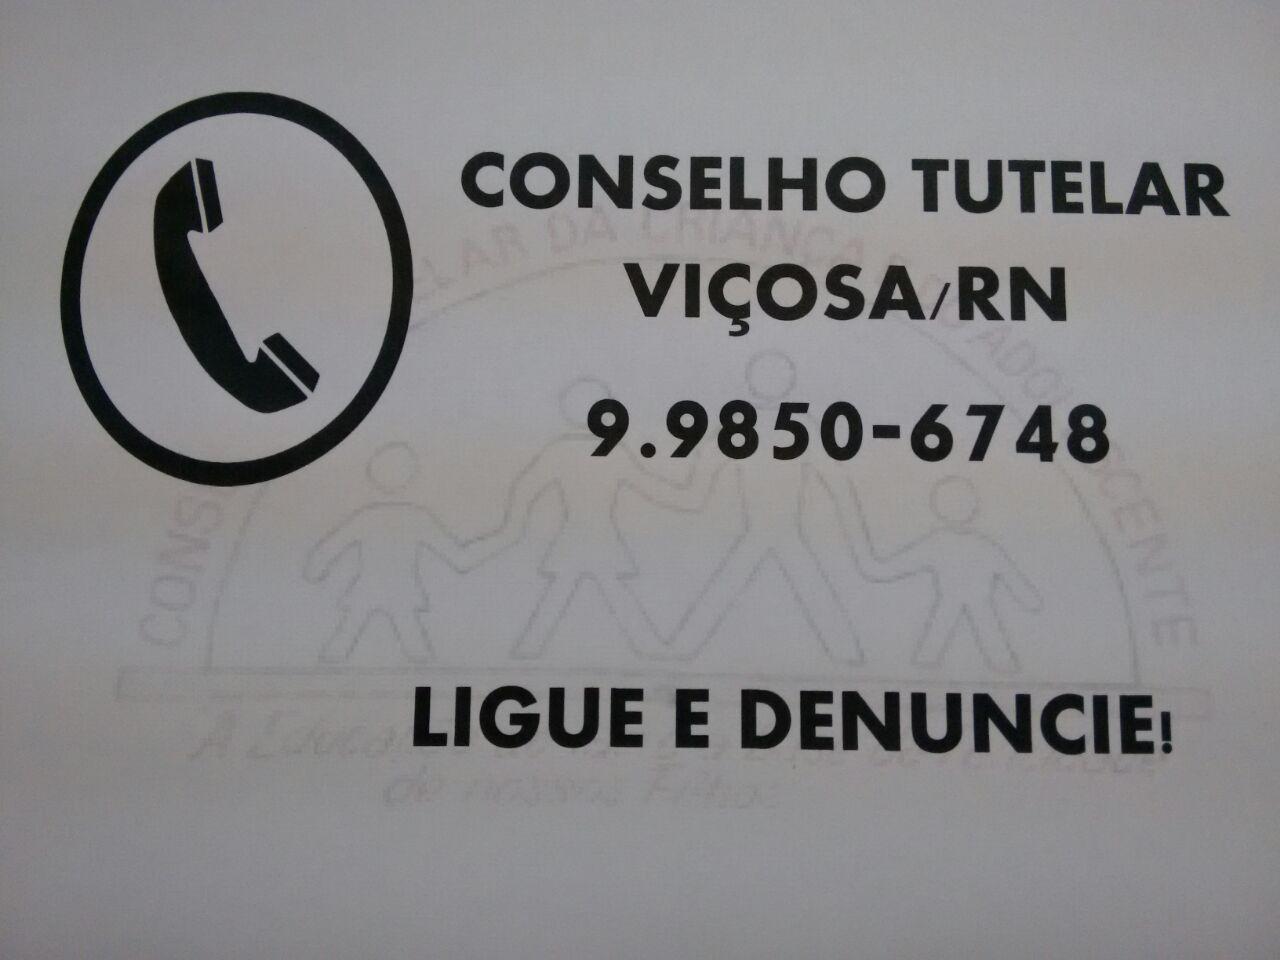 Telefone de Plantão 24h do Conselho Tutelar